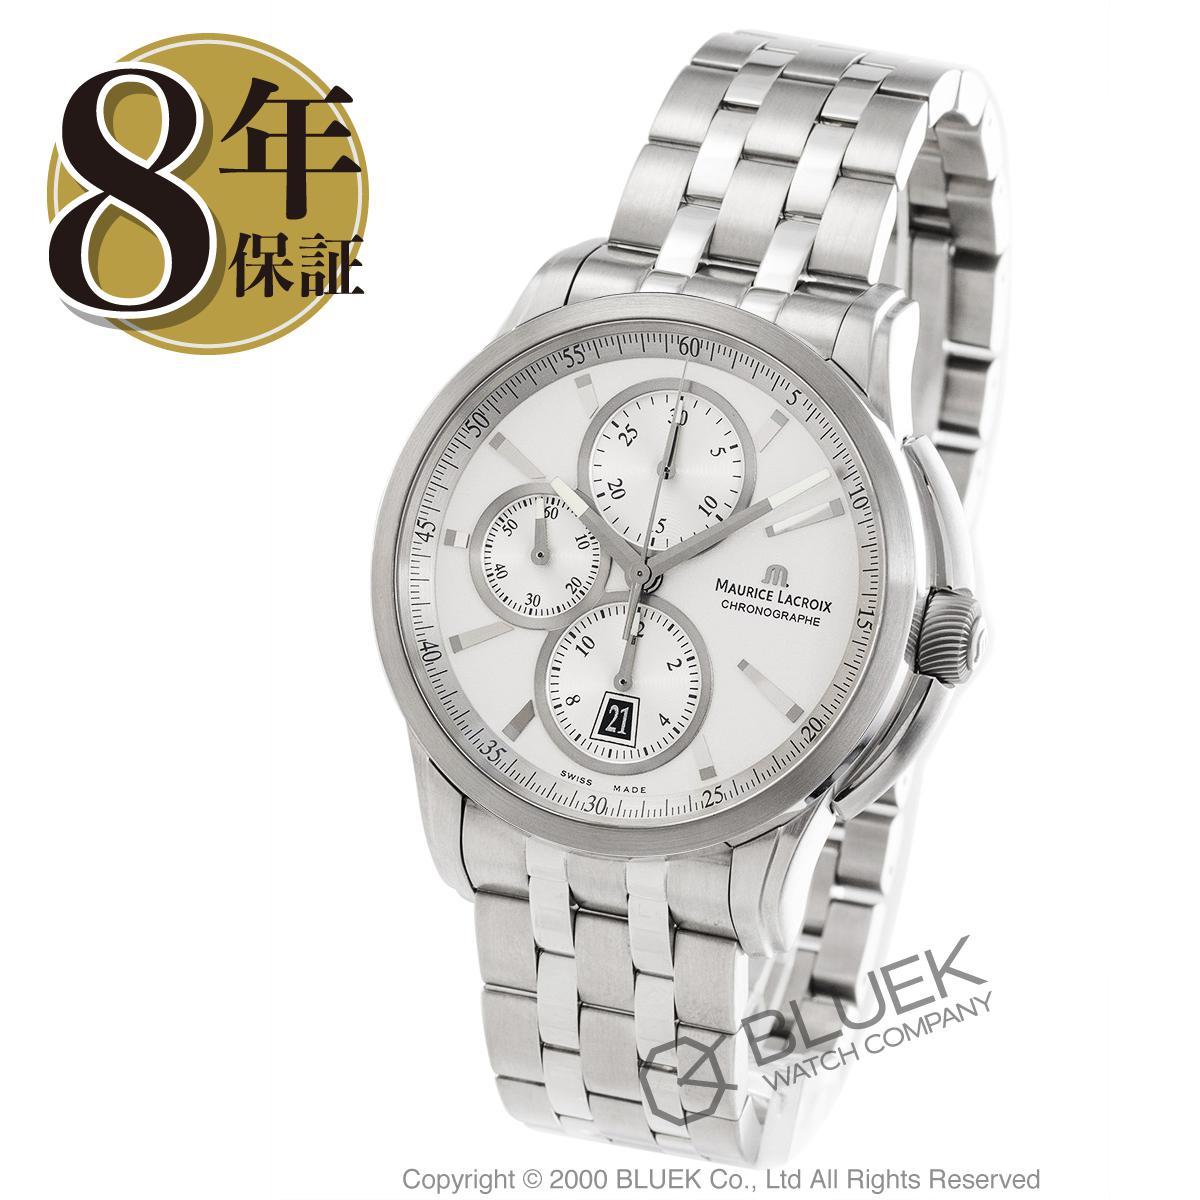 モーリス・ラクロア ポントス クロノグラフ 腕時計 メンズ MAURICE LACROIX PT6188-SS002-130_8